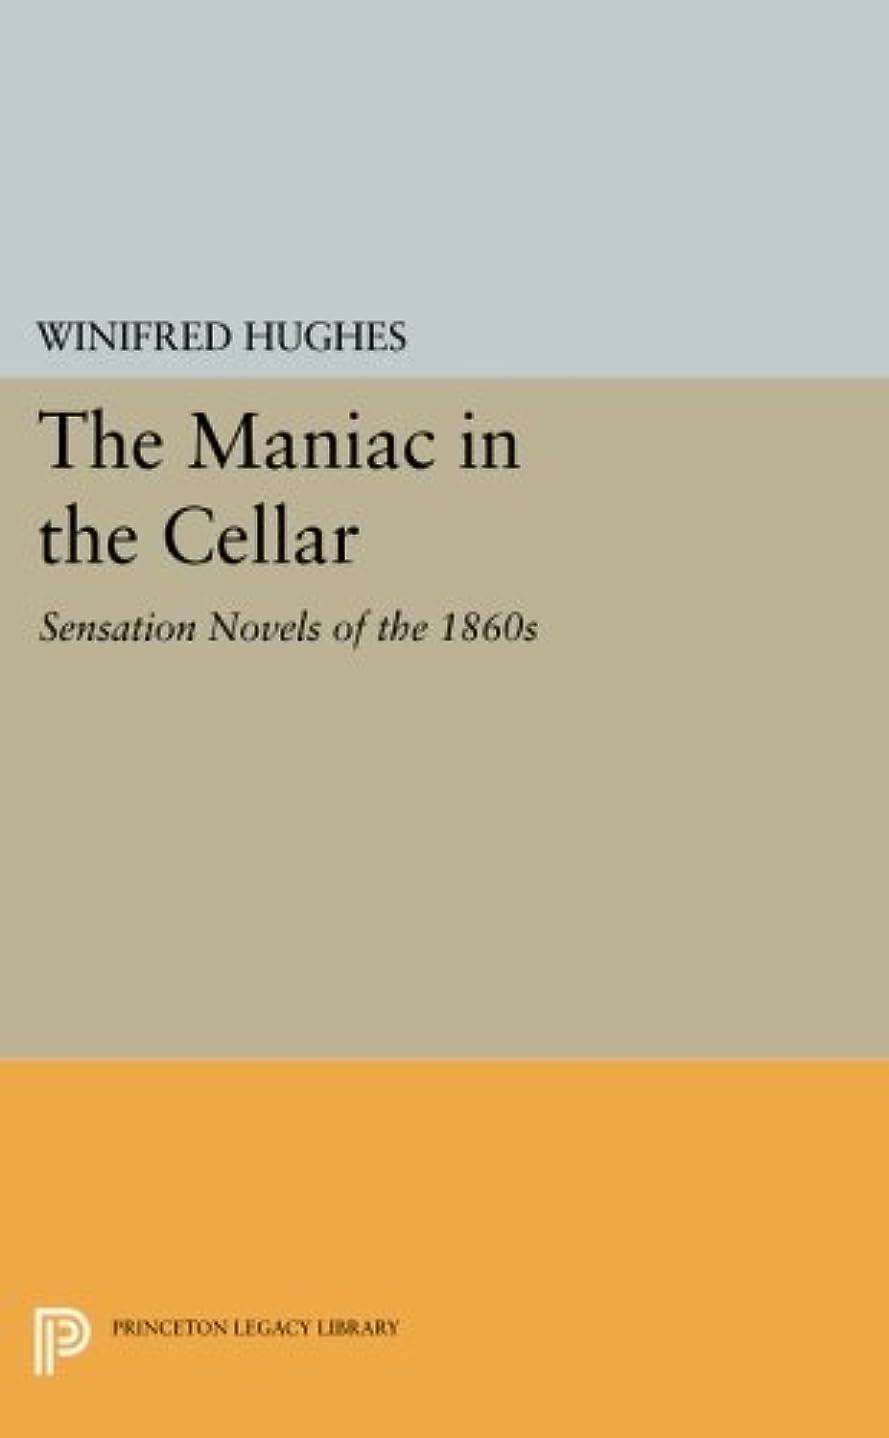 恵み威信ファンドThe Maniac in the Cellar: Sensation Novels of the 1860s (Princeton Legacy Library)